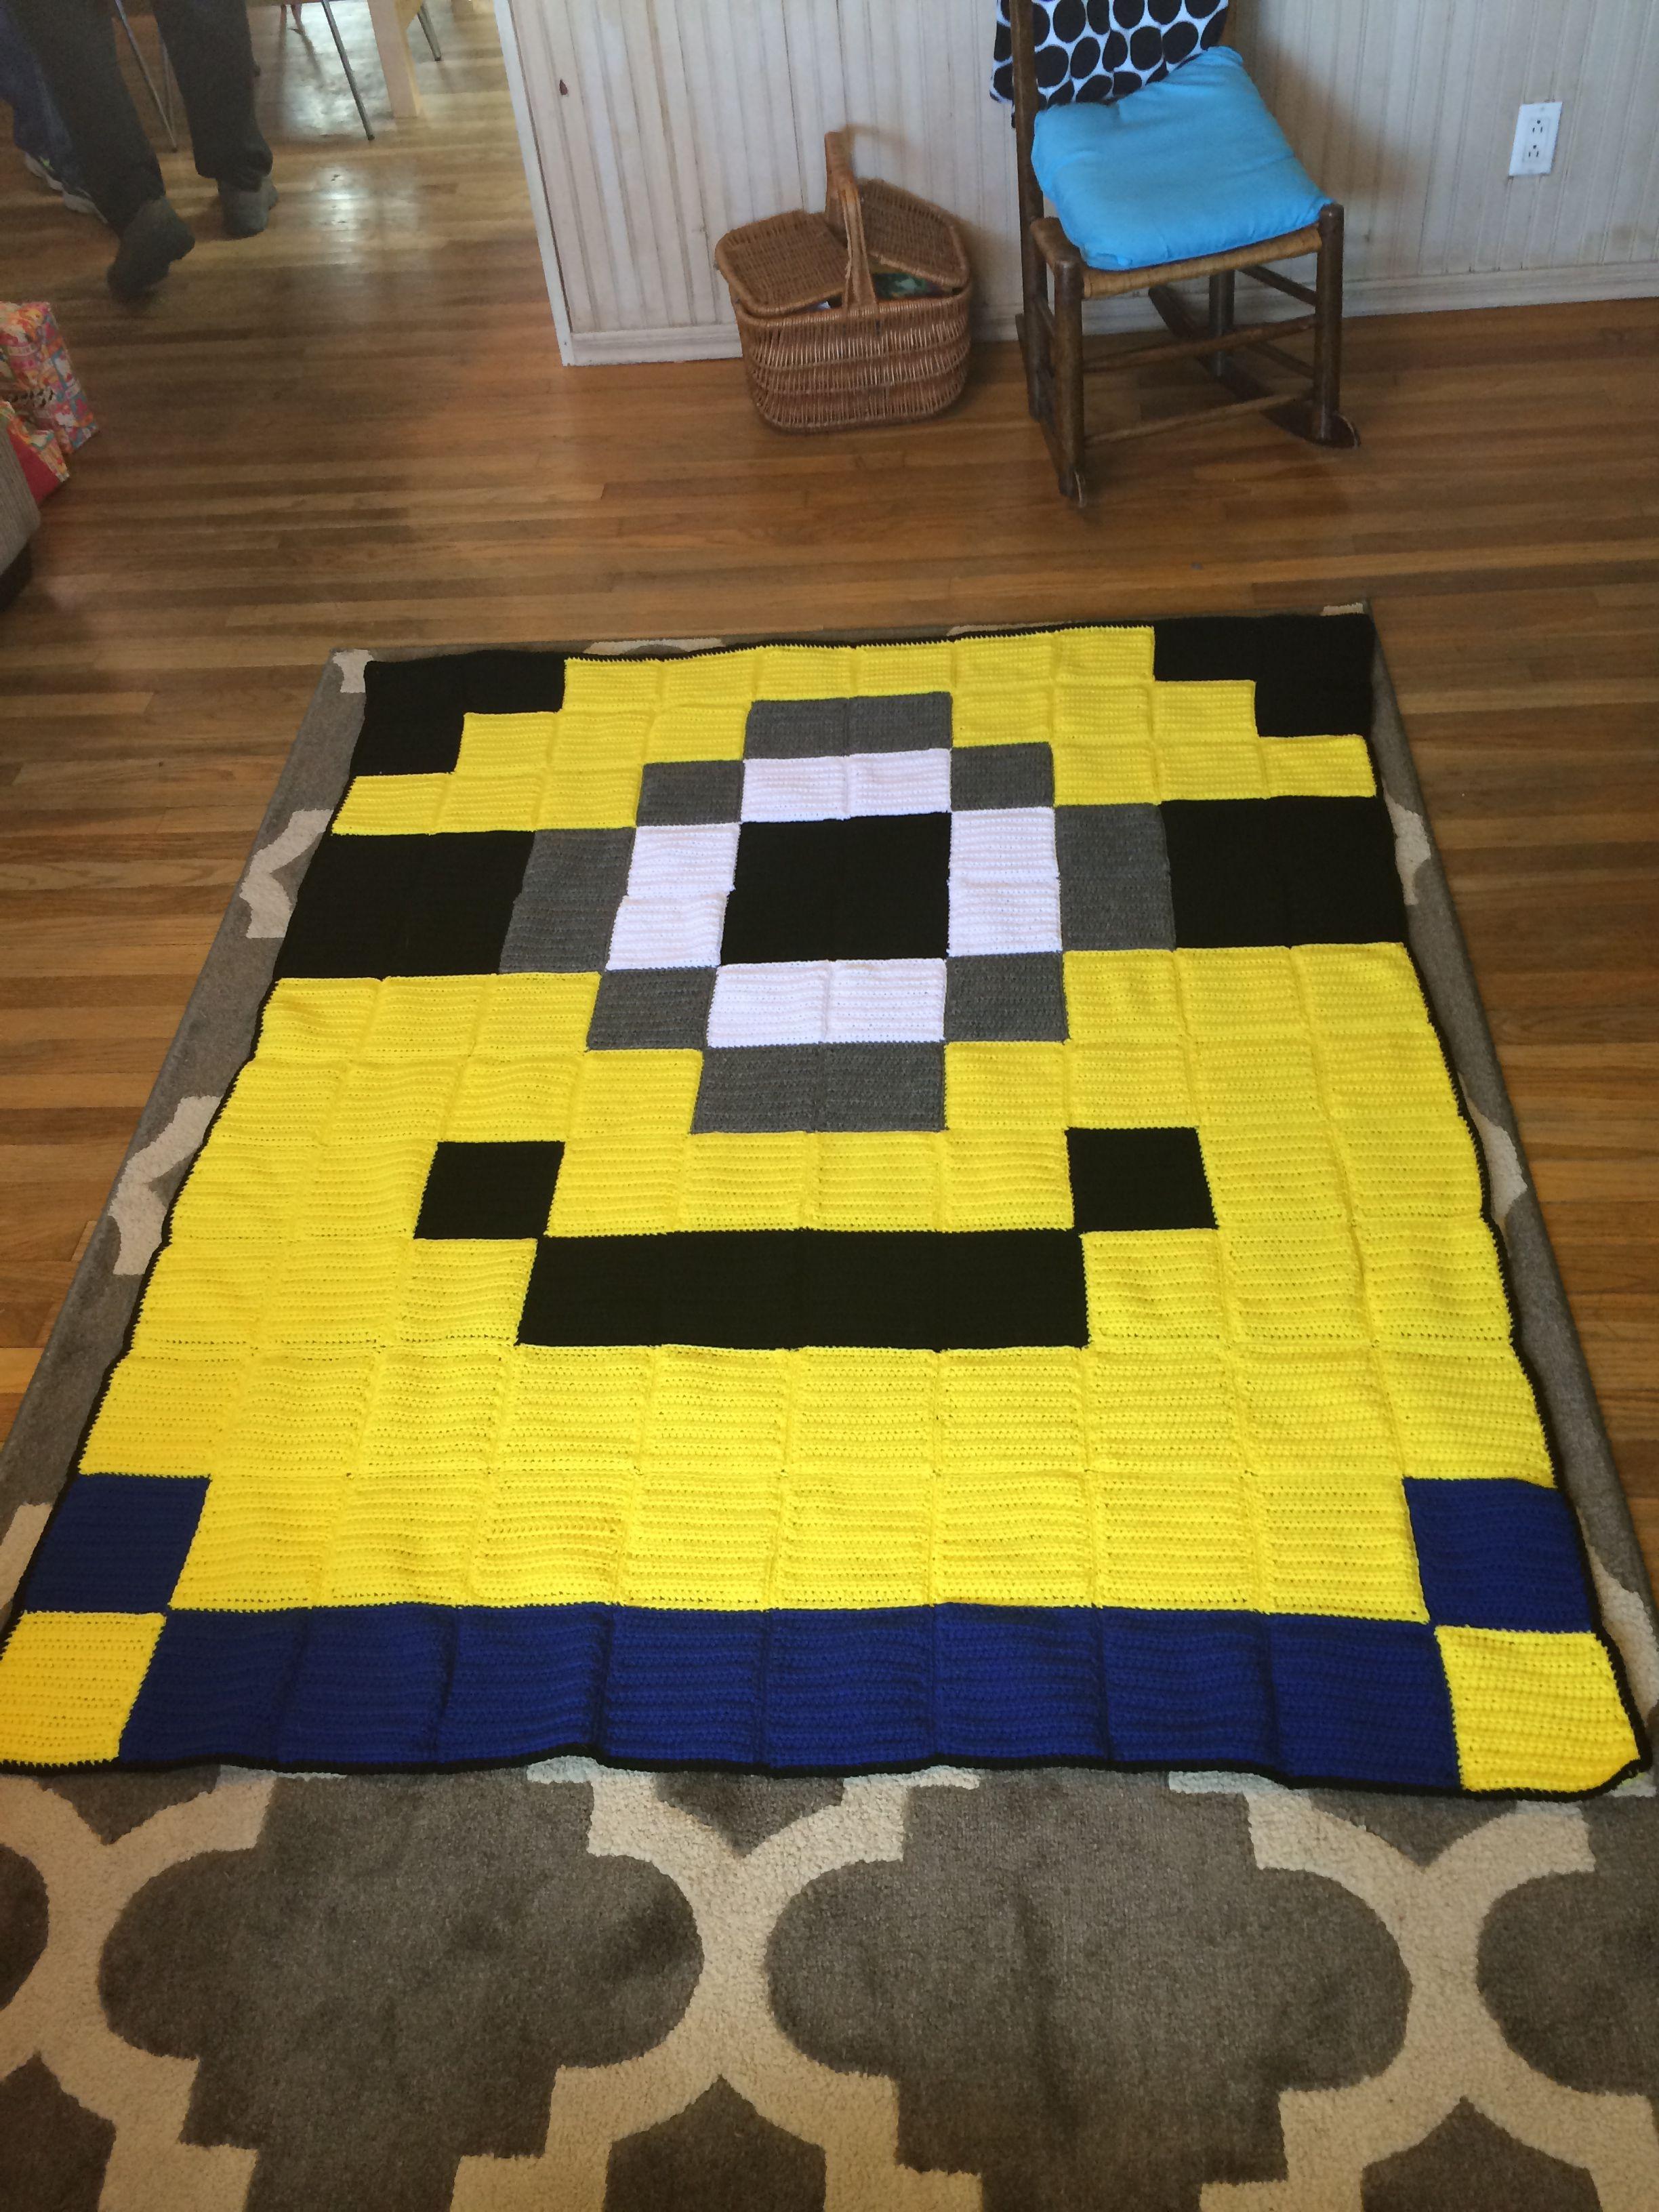 8bit Minion pixel crochet blanket - Crocheted Creations by Nana ...